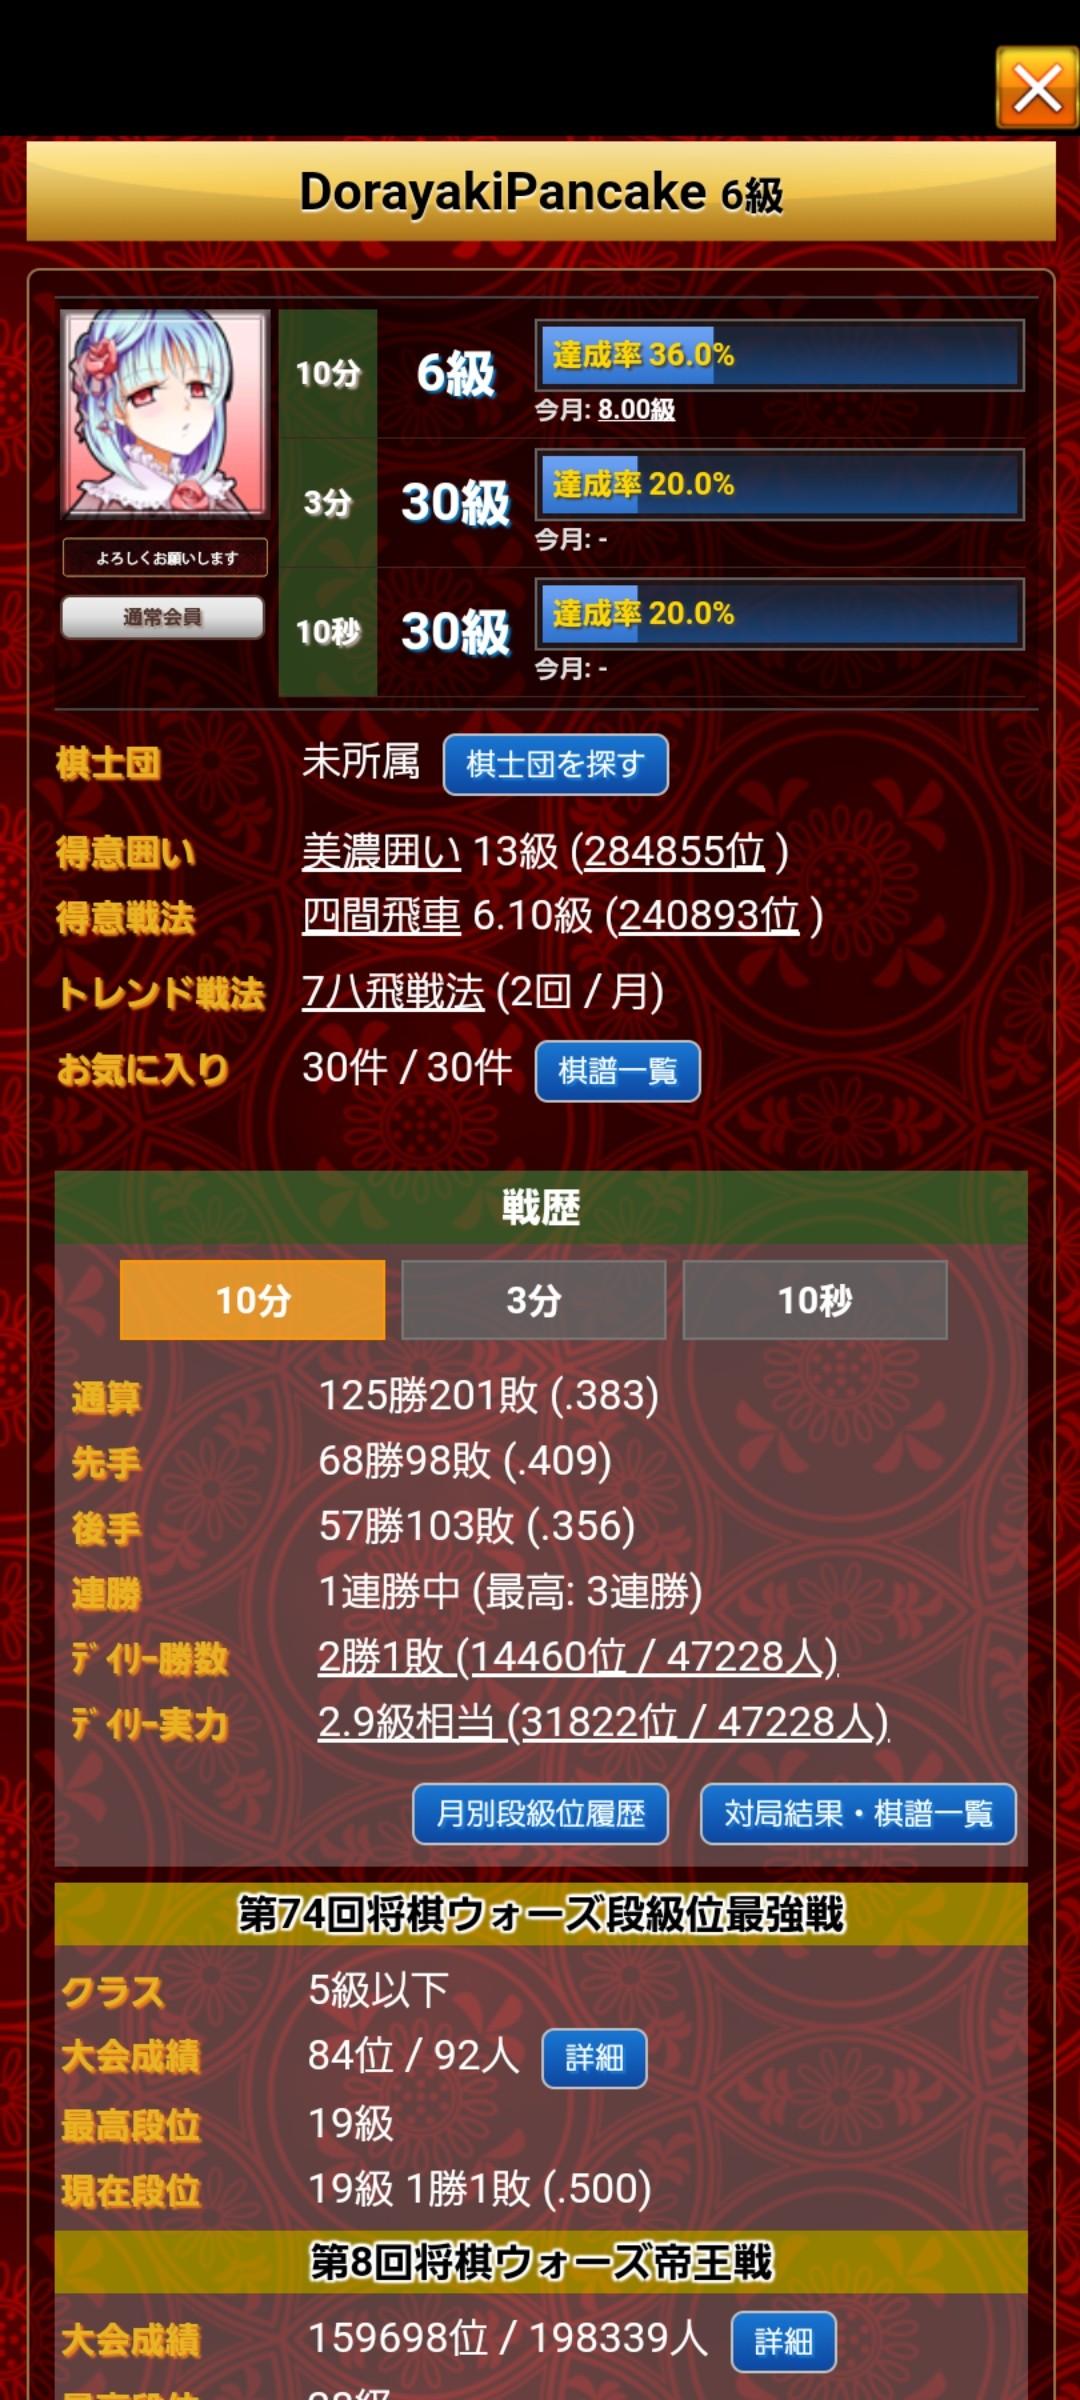 f:id:kotobukinatsuodorayaki:20210510181357j:image